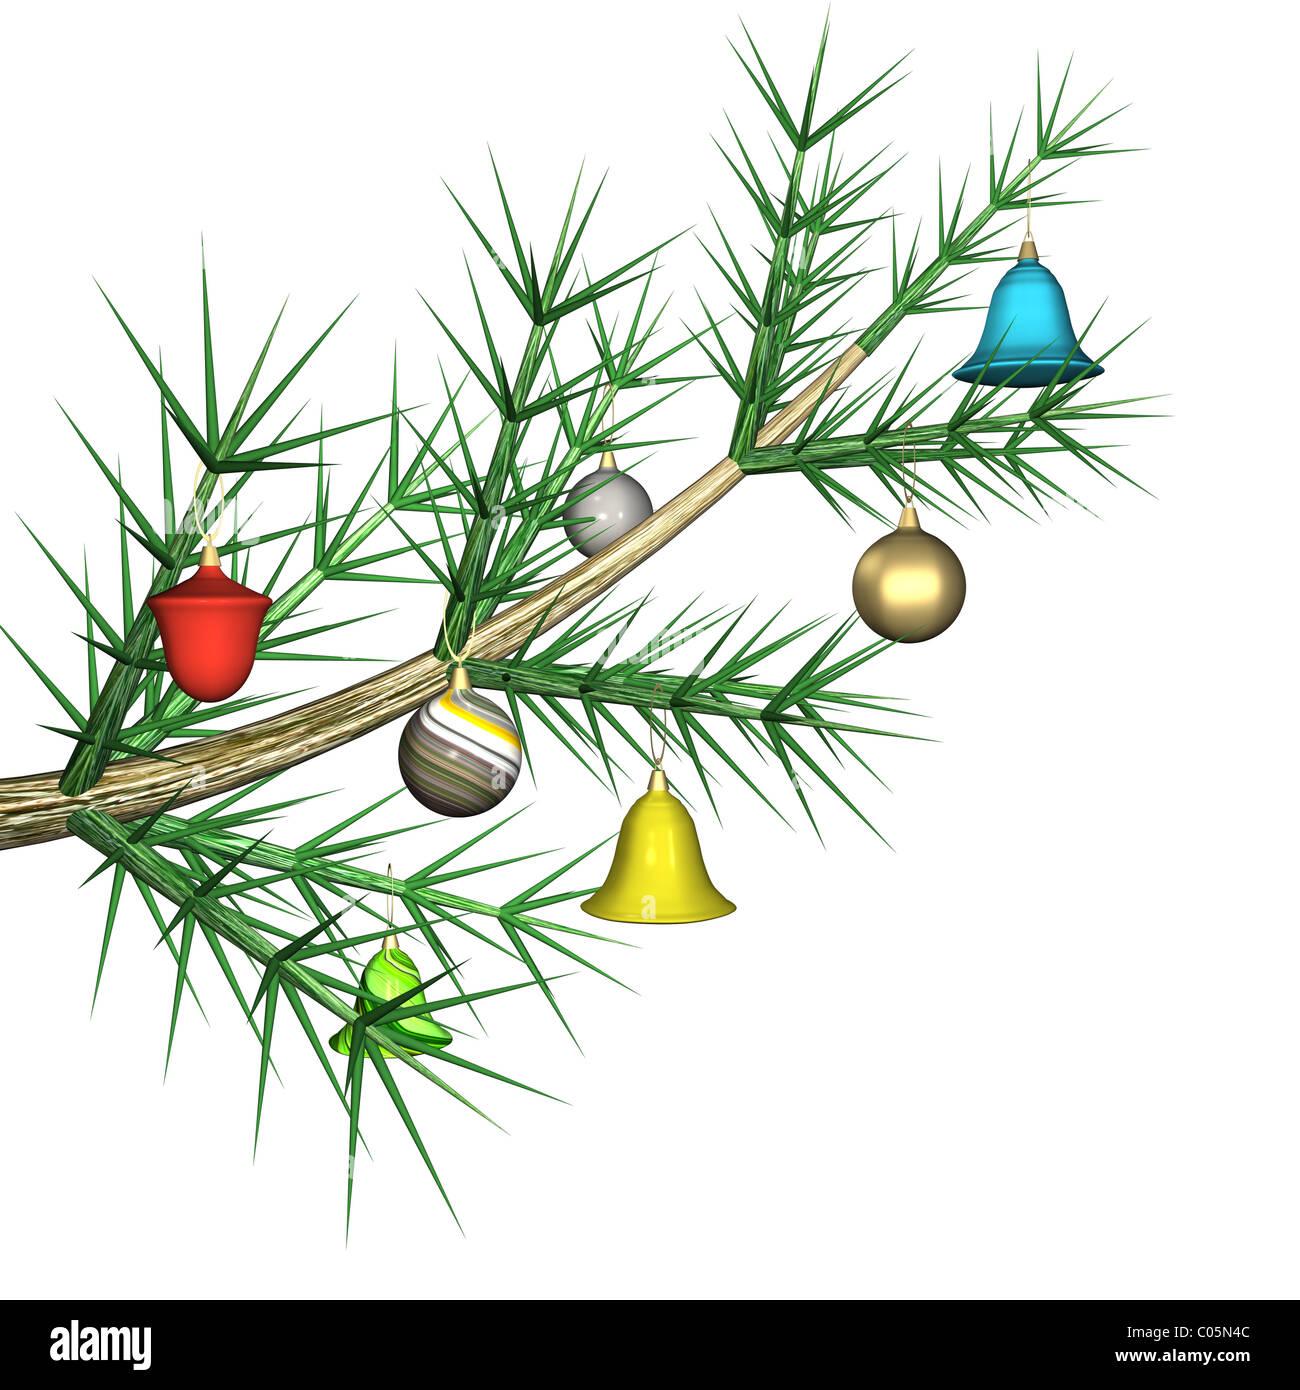 Weihnachtsbaum Ast.Bunte Tannenbäume Spielzeug Auf Einem Tannenbaum Ast Es Ist